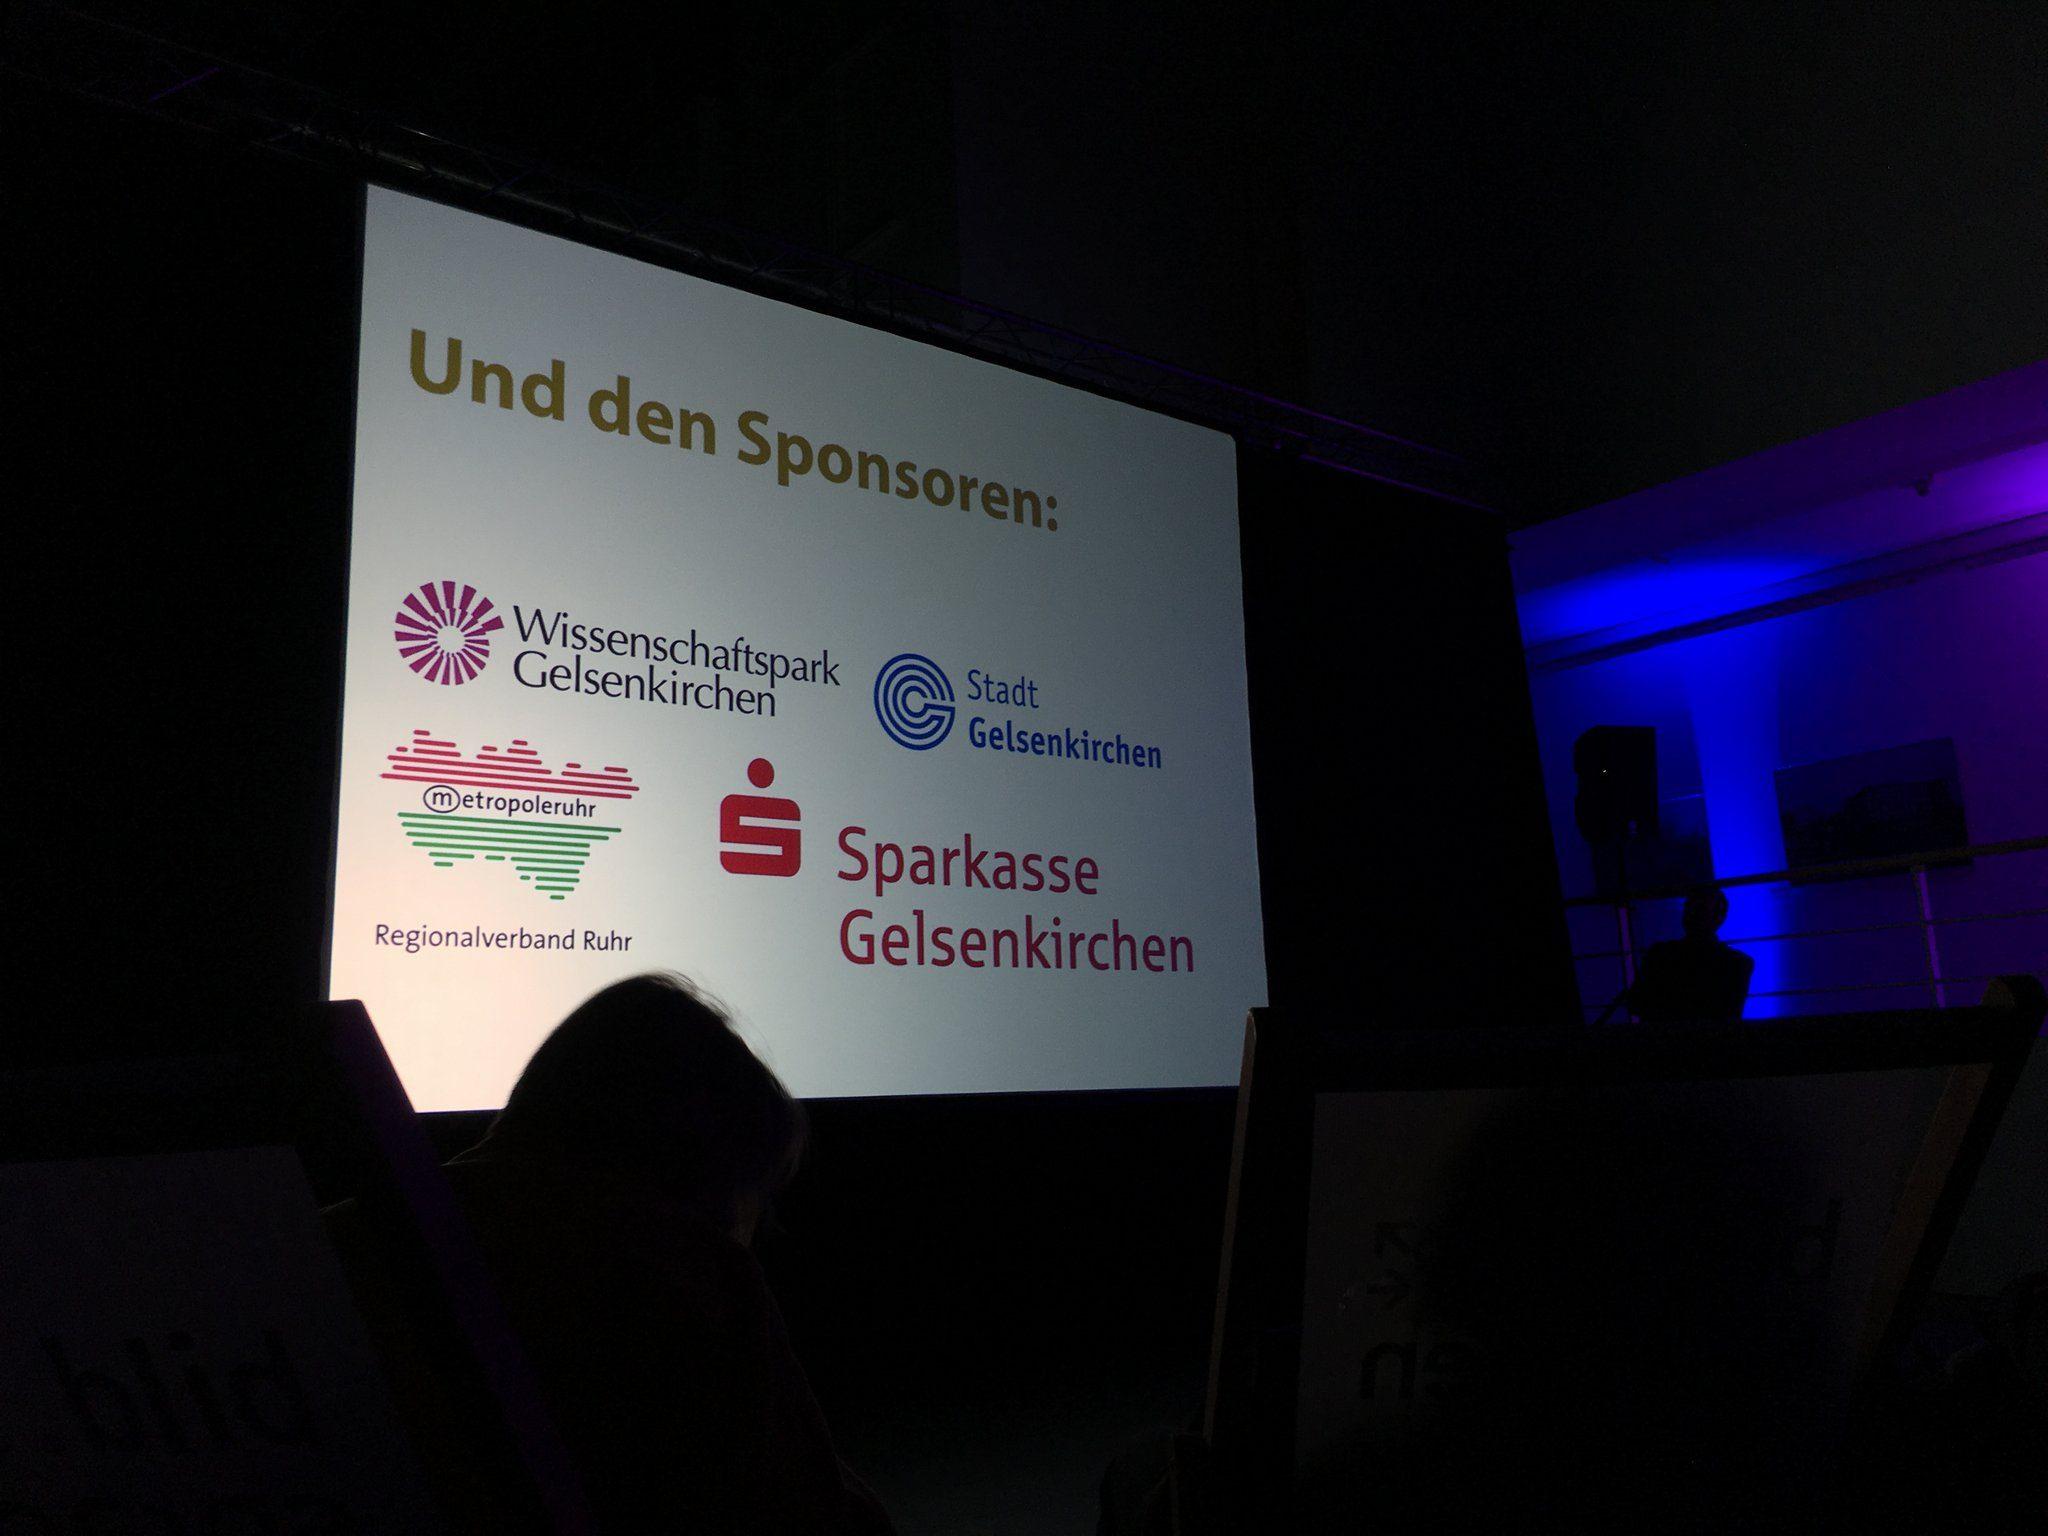 Danke an die Sponsoren: Wissenschaftspark Gelsenkirchen, Stadt Gelsenkirchen, Regionalverband Ruhr, Sparkasse Gelsenkirchen.